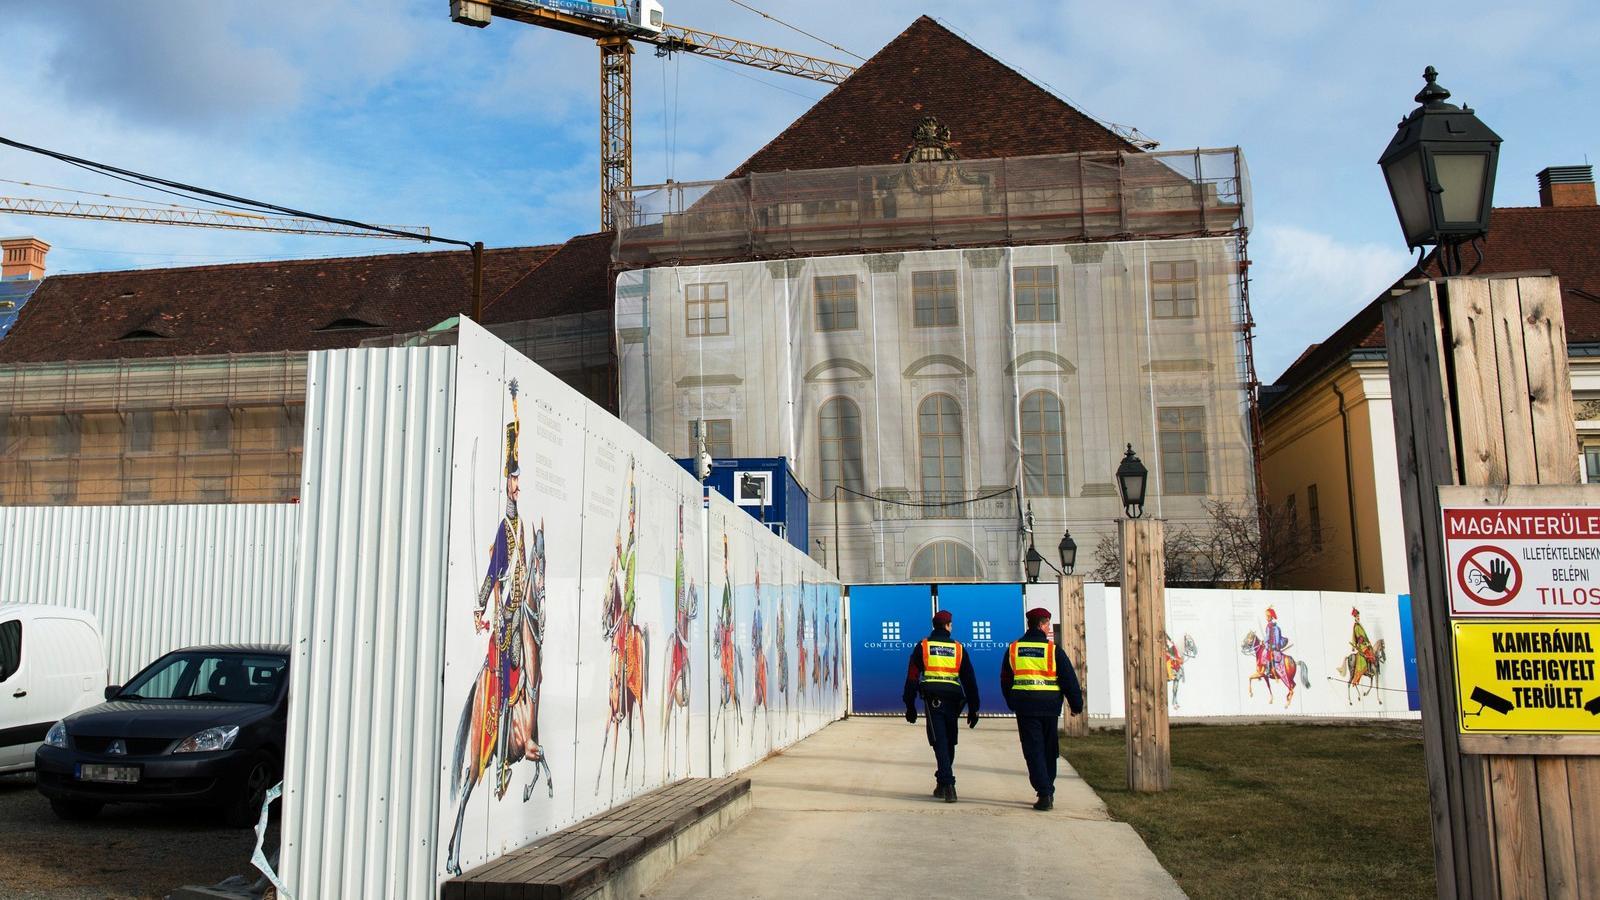 Titokban épül a palotanegyed FOTÓ  TÓTH GERGŐ bdd6735d75